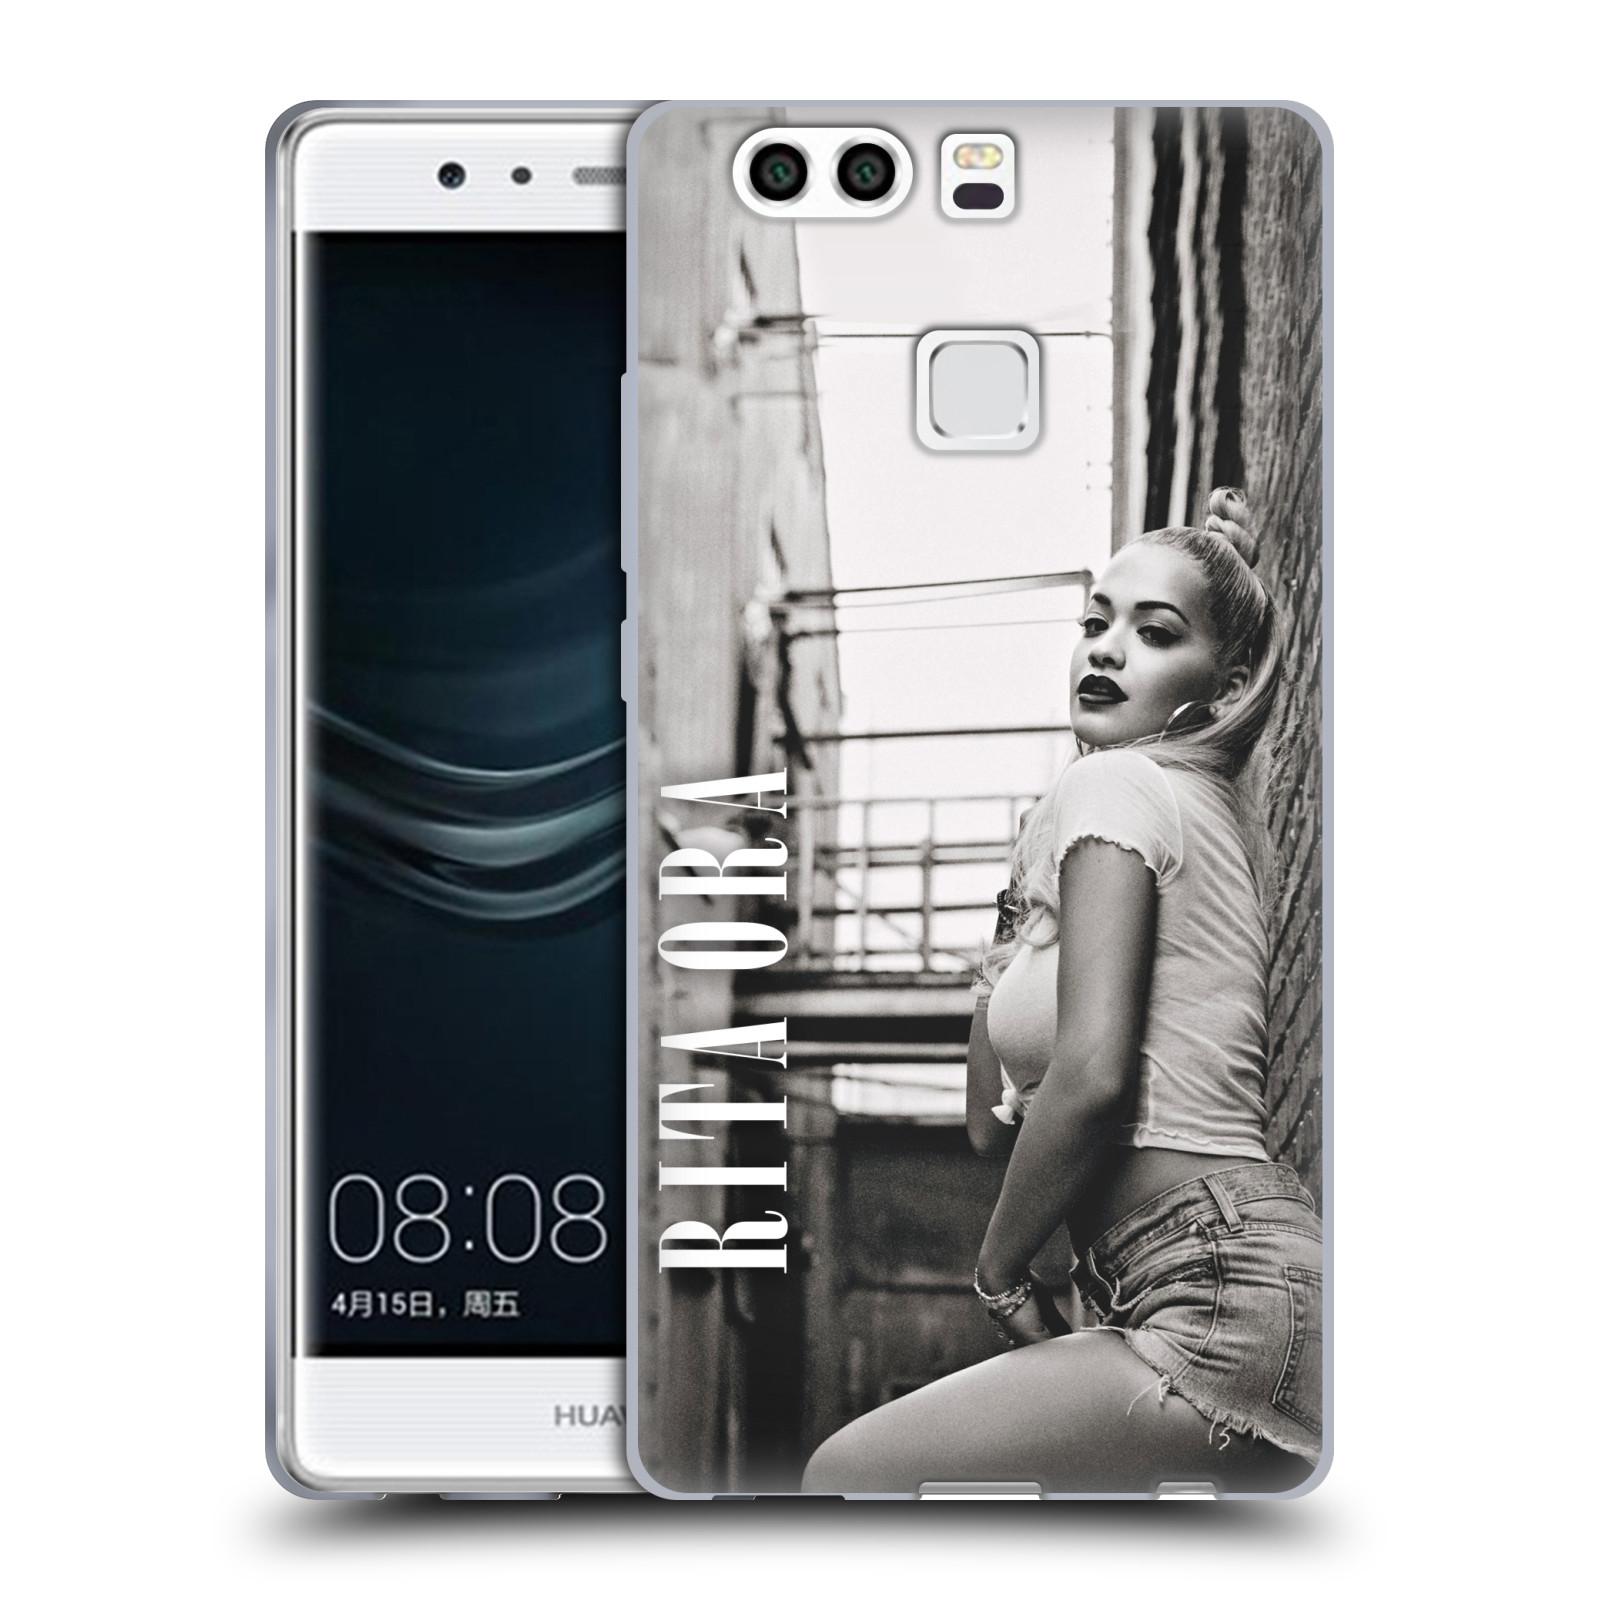 HEAD CASE silikonový obal na mobil Huawei P9 PLUS / P9 PLUS DUAL SIM zpěvačka Rita Ora foto černobílá